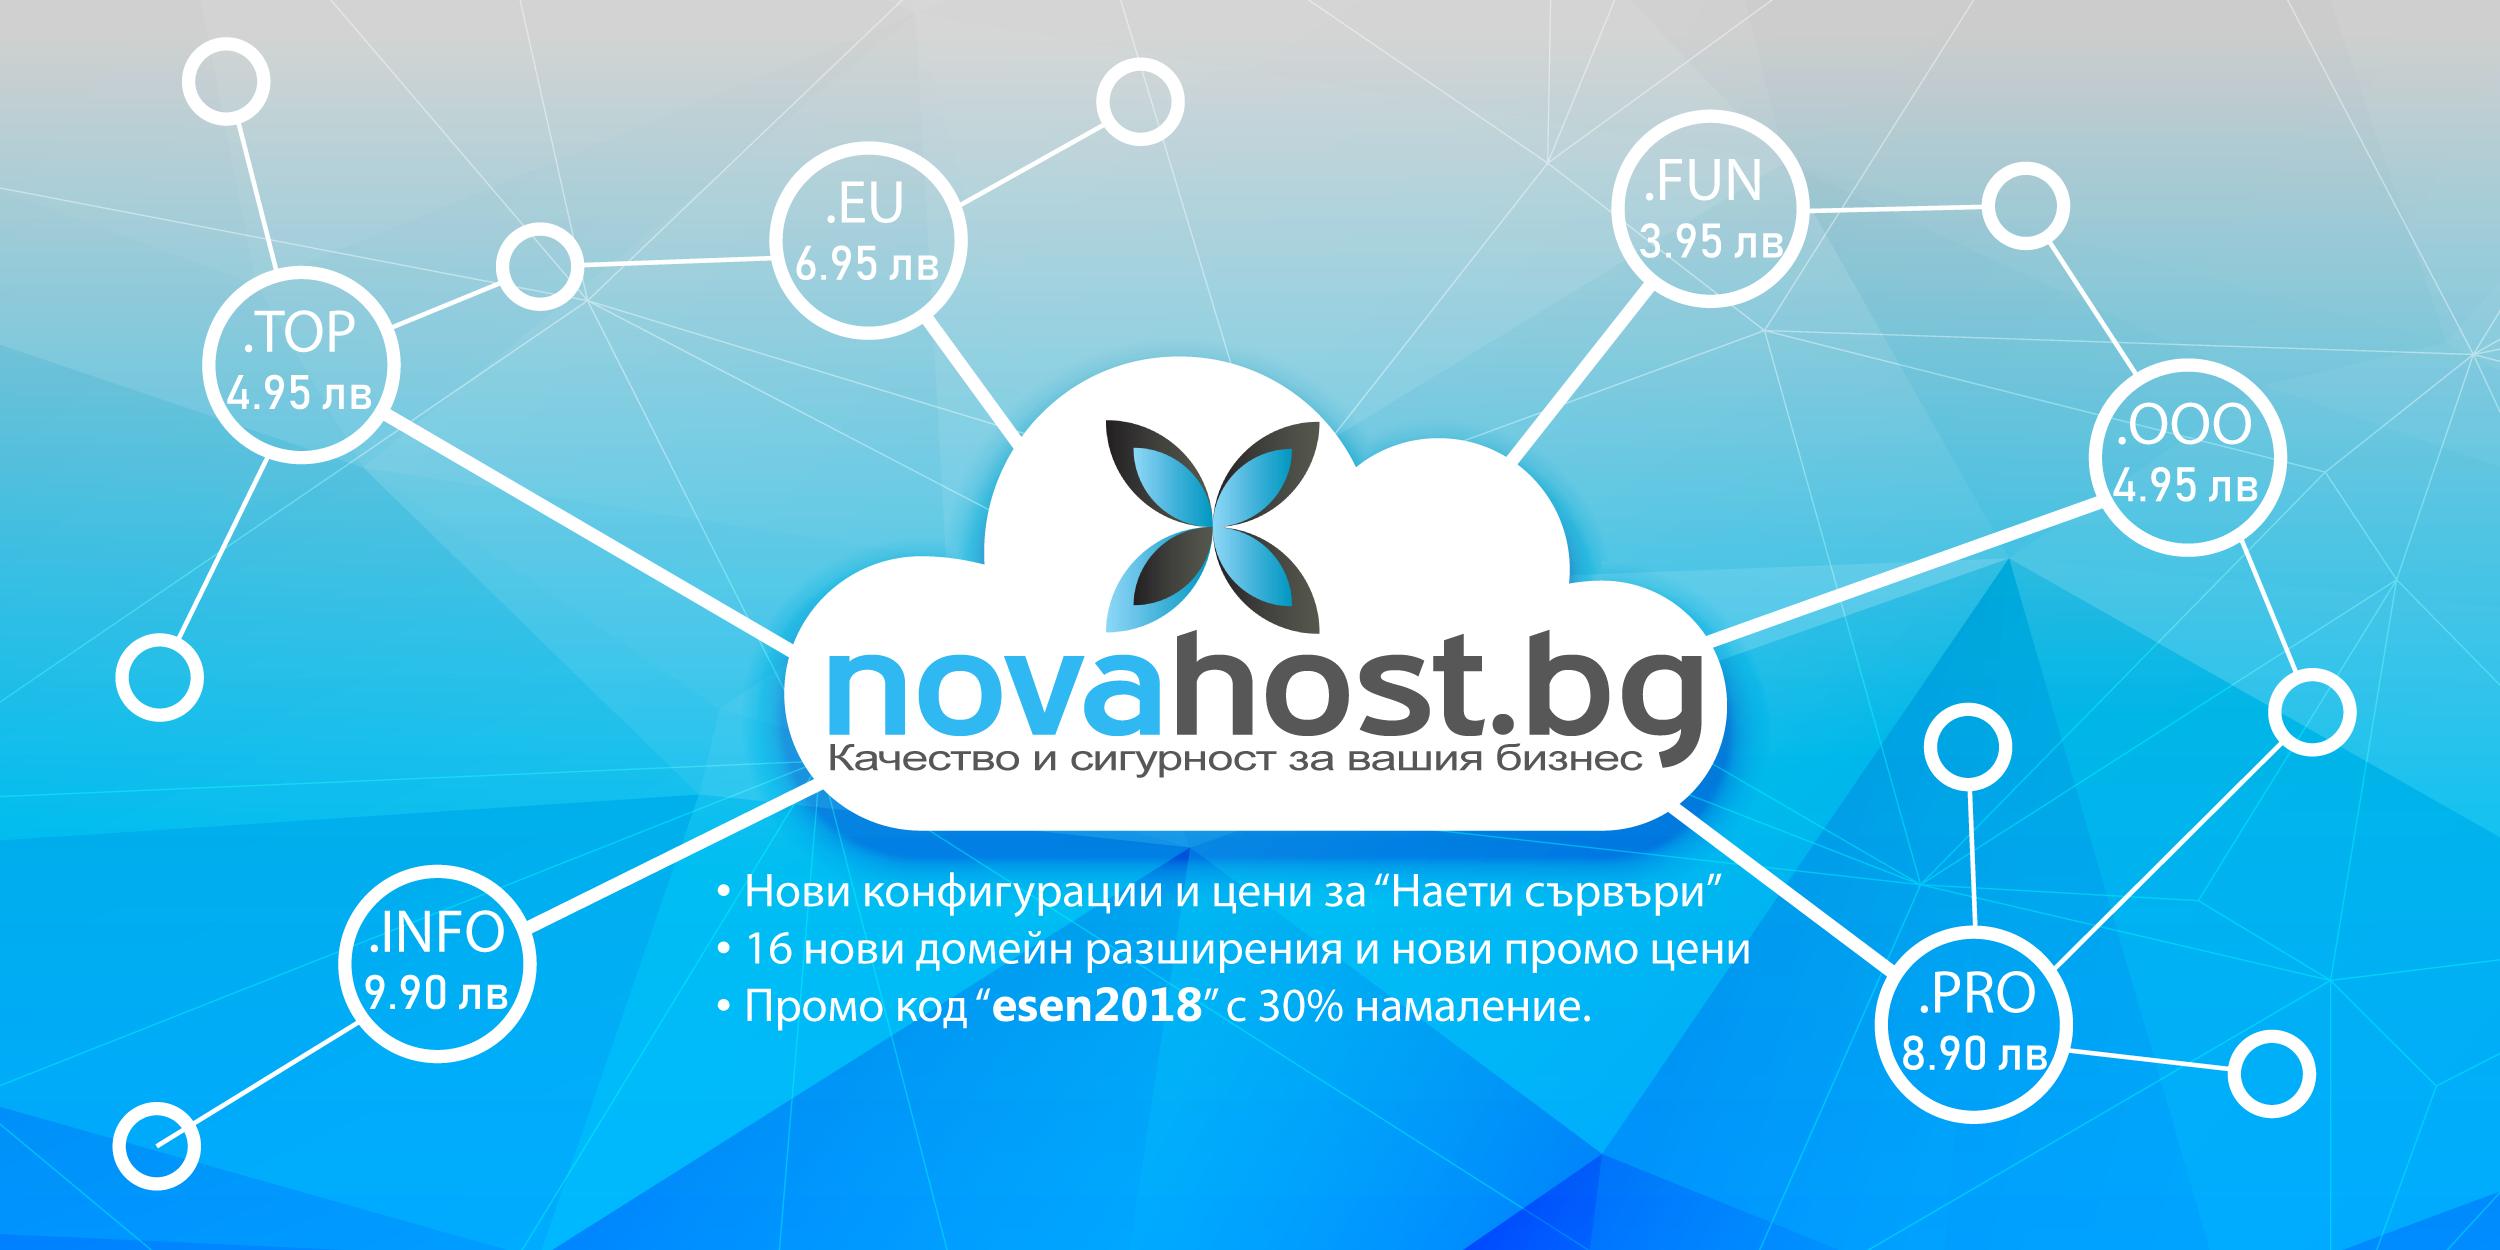 Esen 2018 promos domains servers novahost